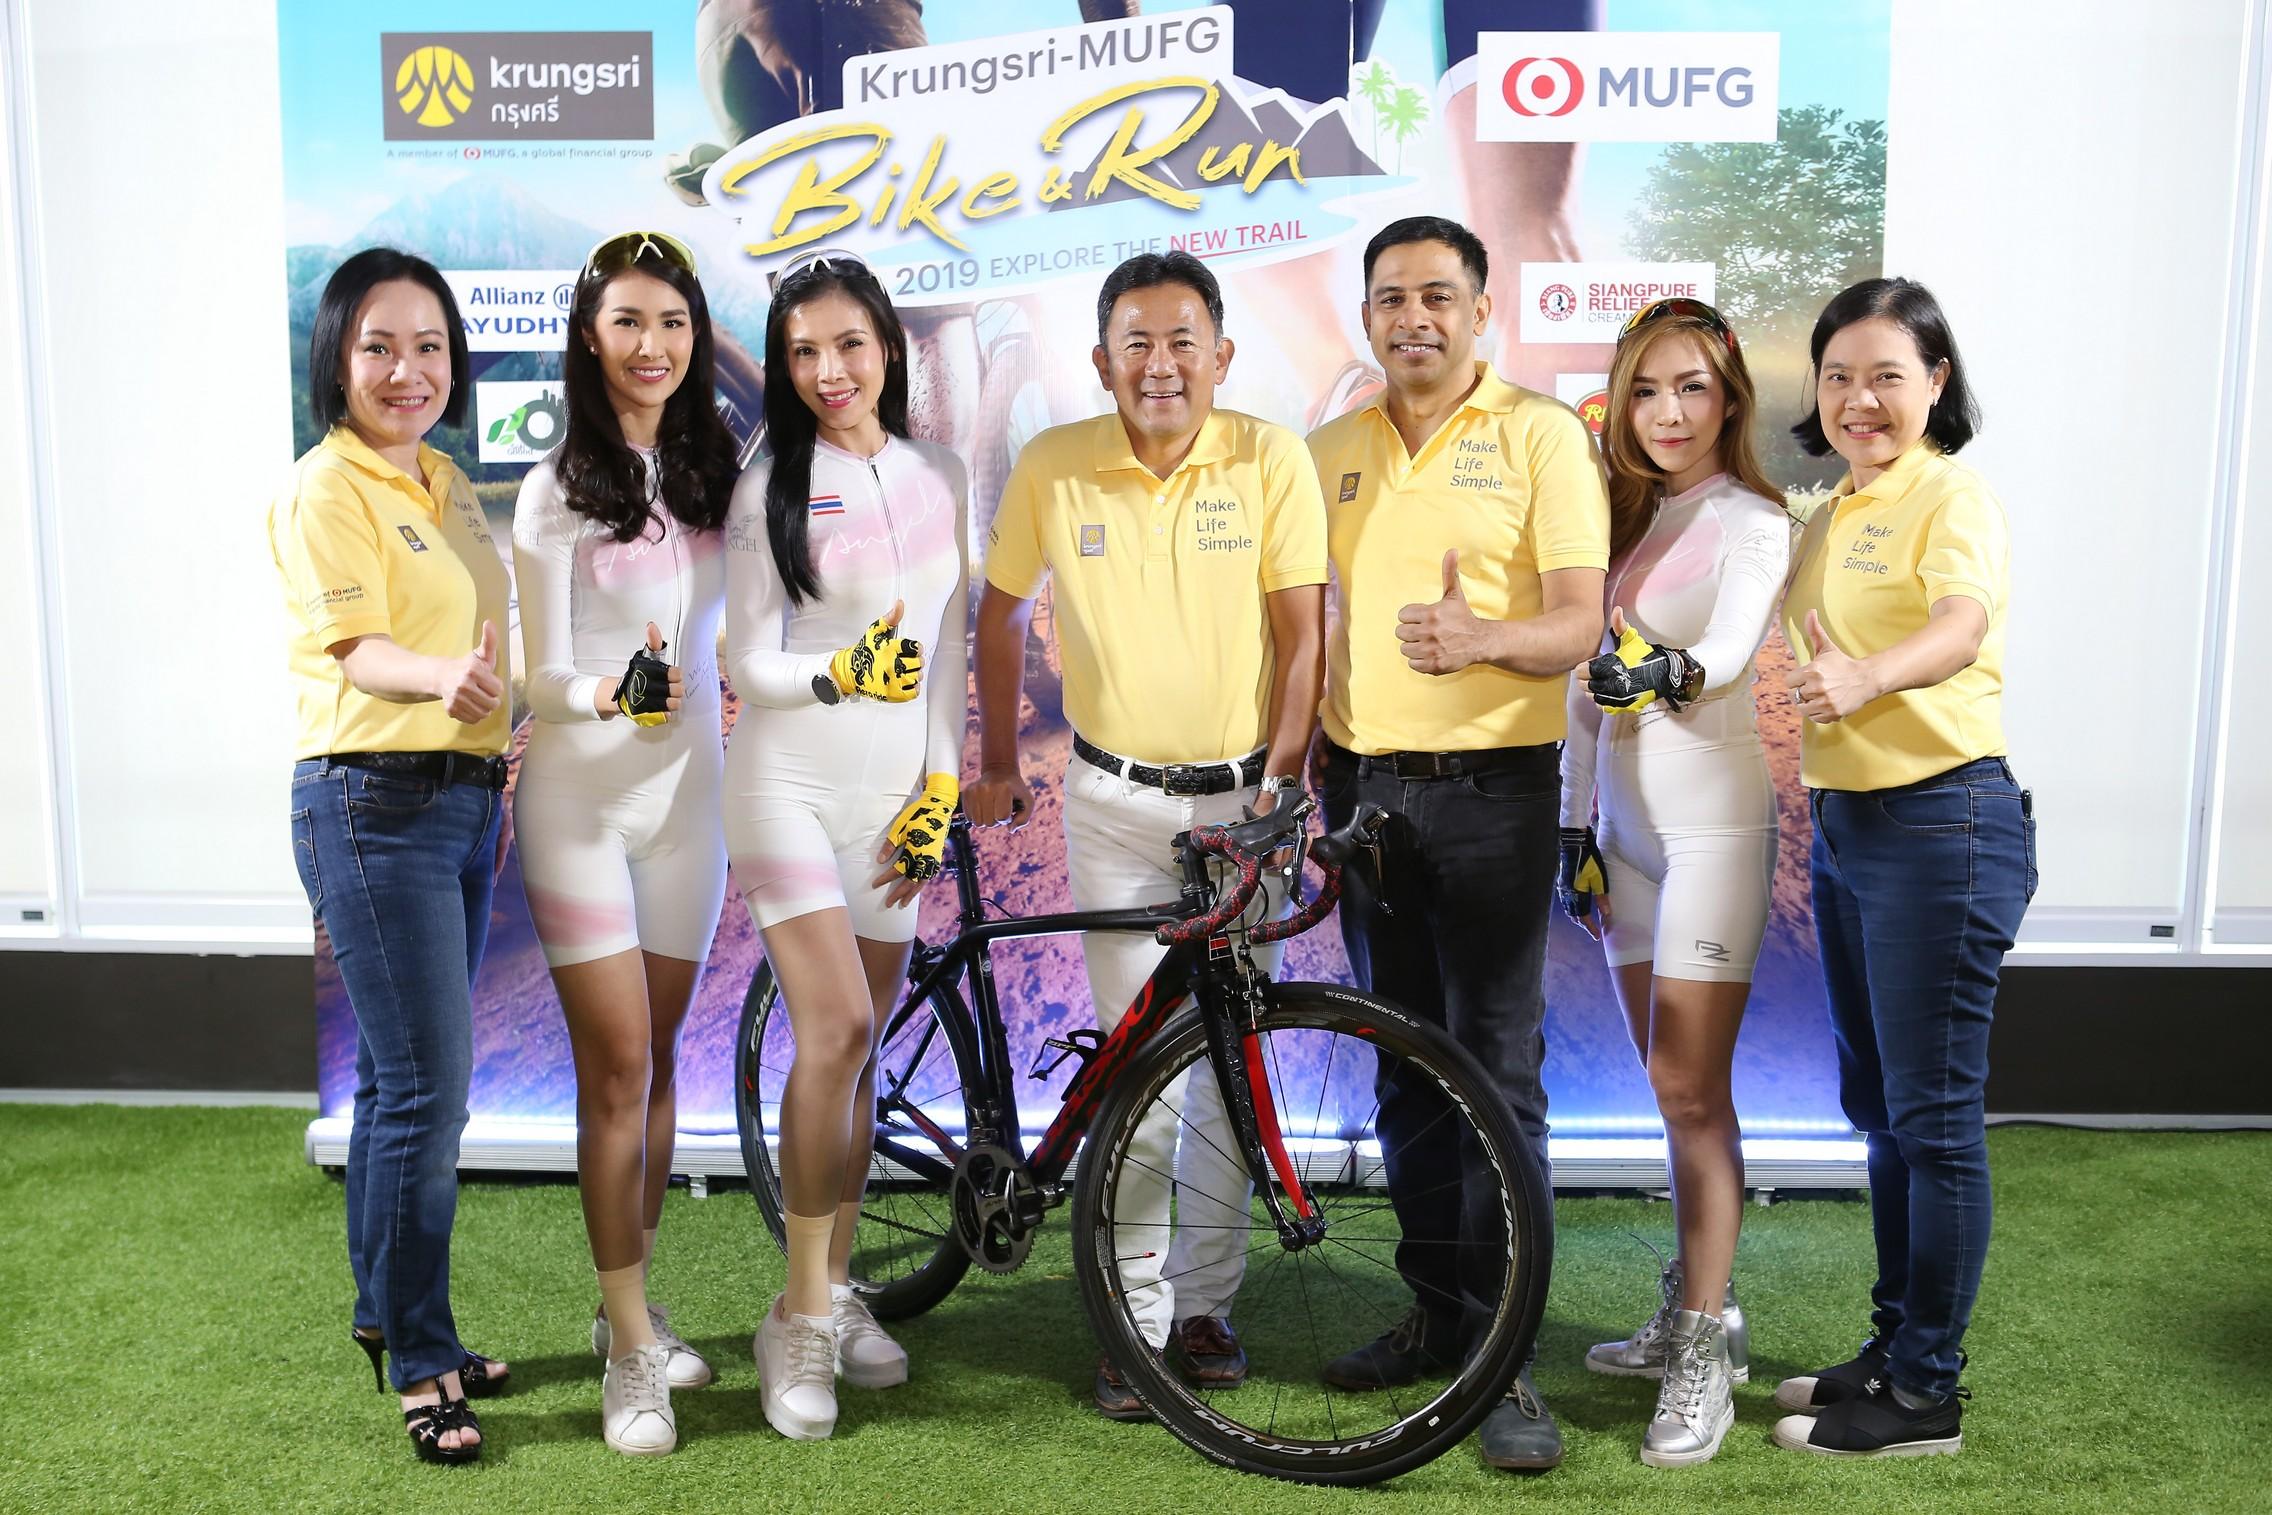 """กรุงศรีหนุนคนไทยใส่ใจสุขภาพ  จัด """"Krungsri - MUFG Bike & Run 2019 : Explore The New Trail"""" วิ่งและปั่นท้าความแกร่ง สำนักพิมพ์แม่บ้าน"""